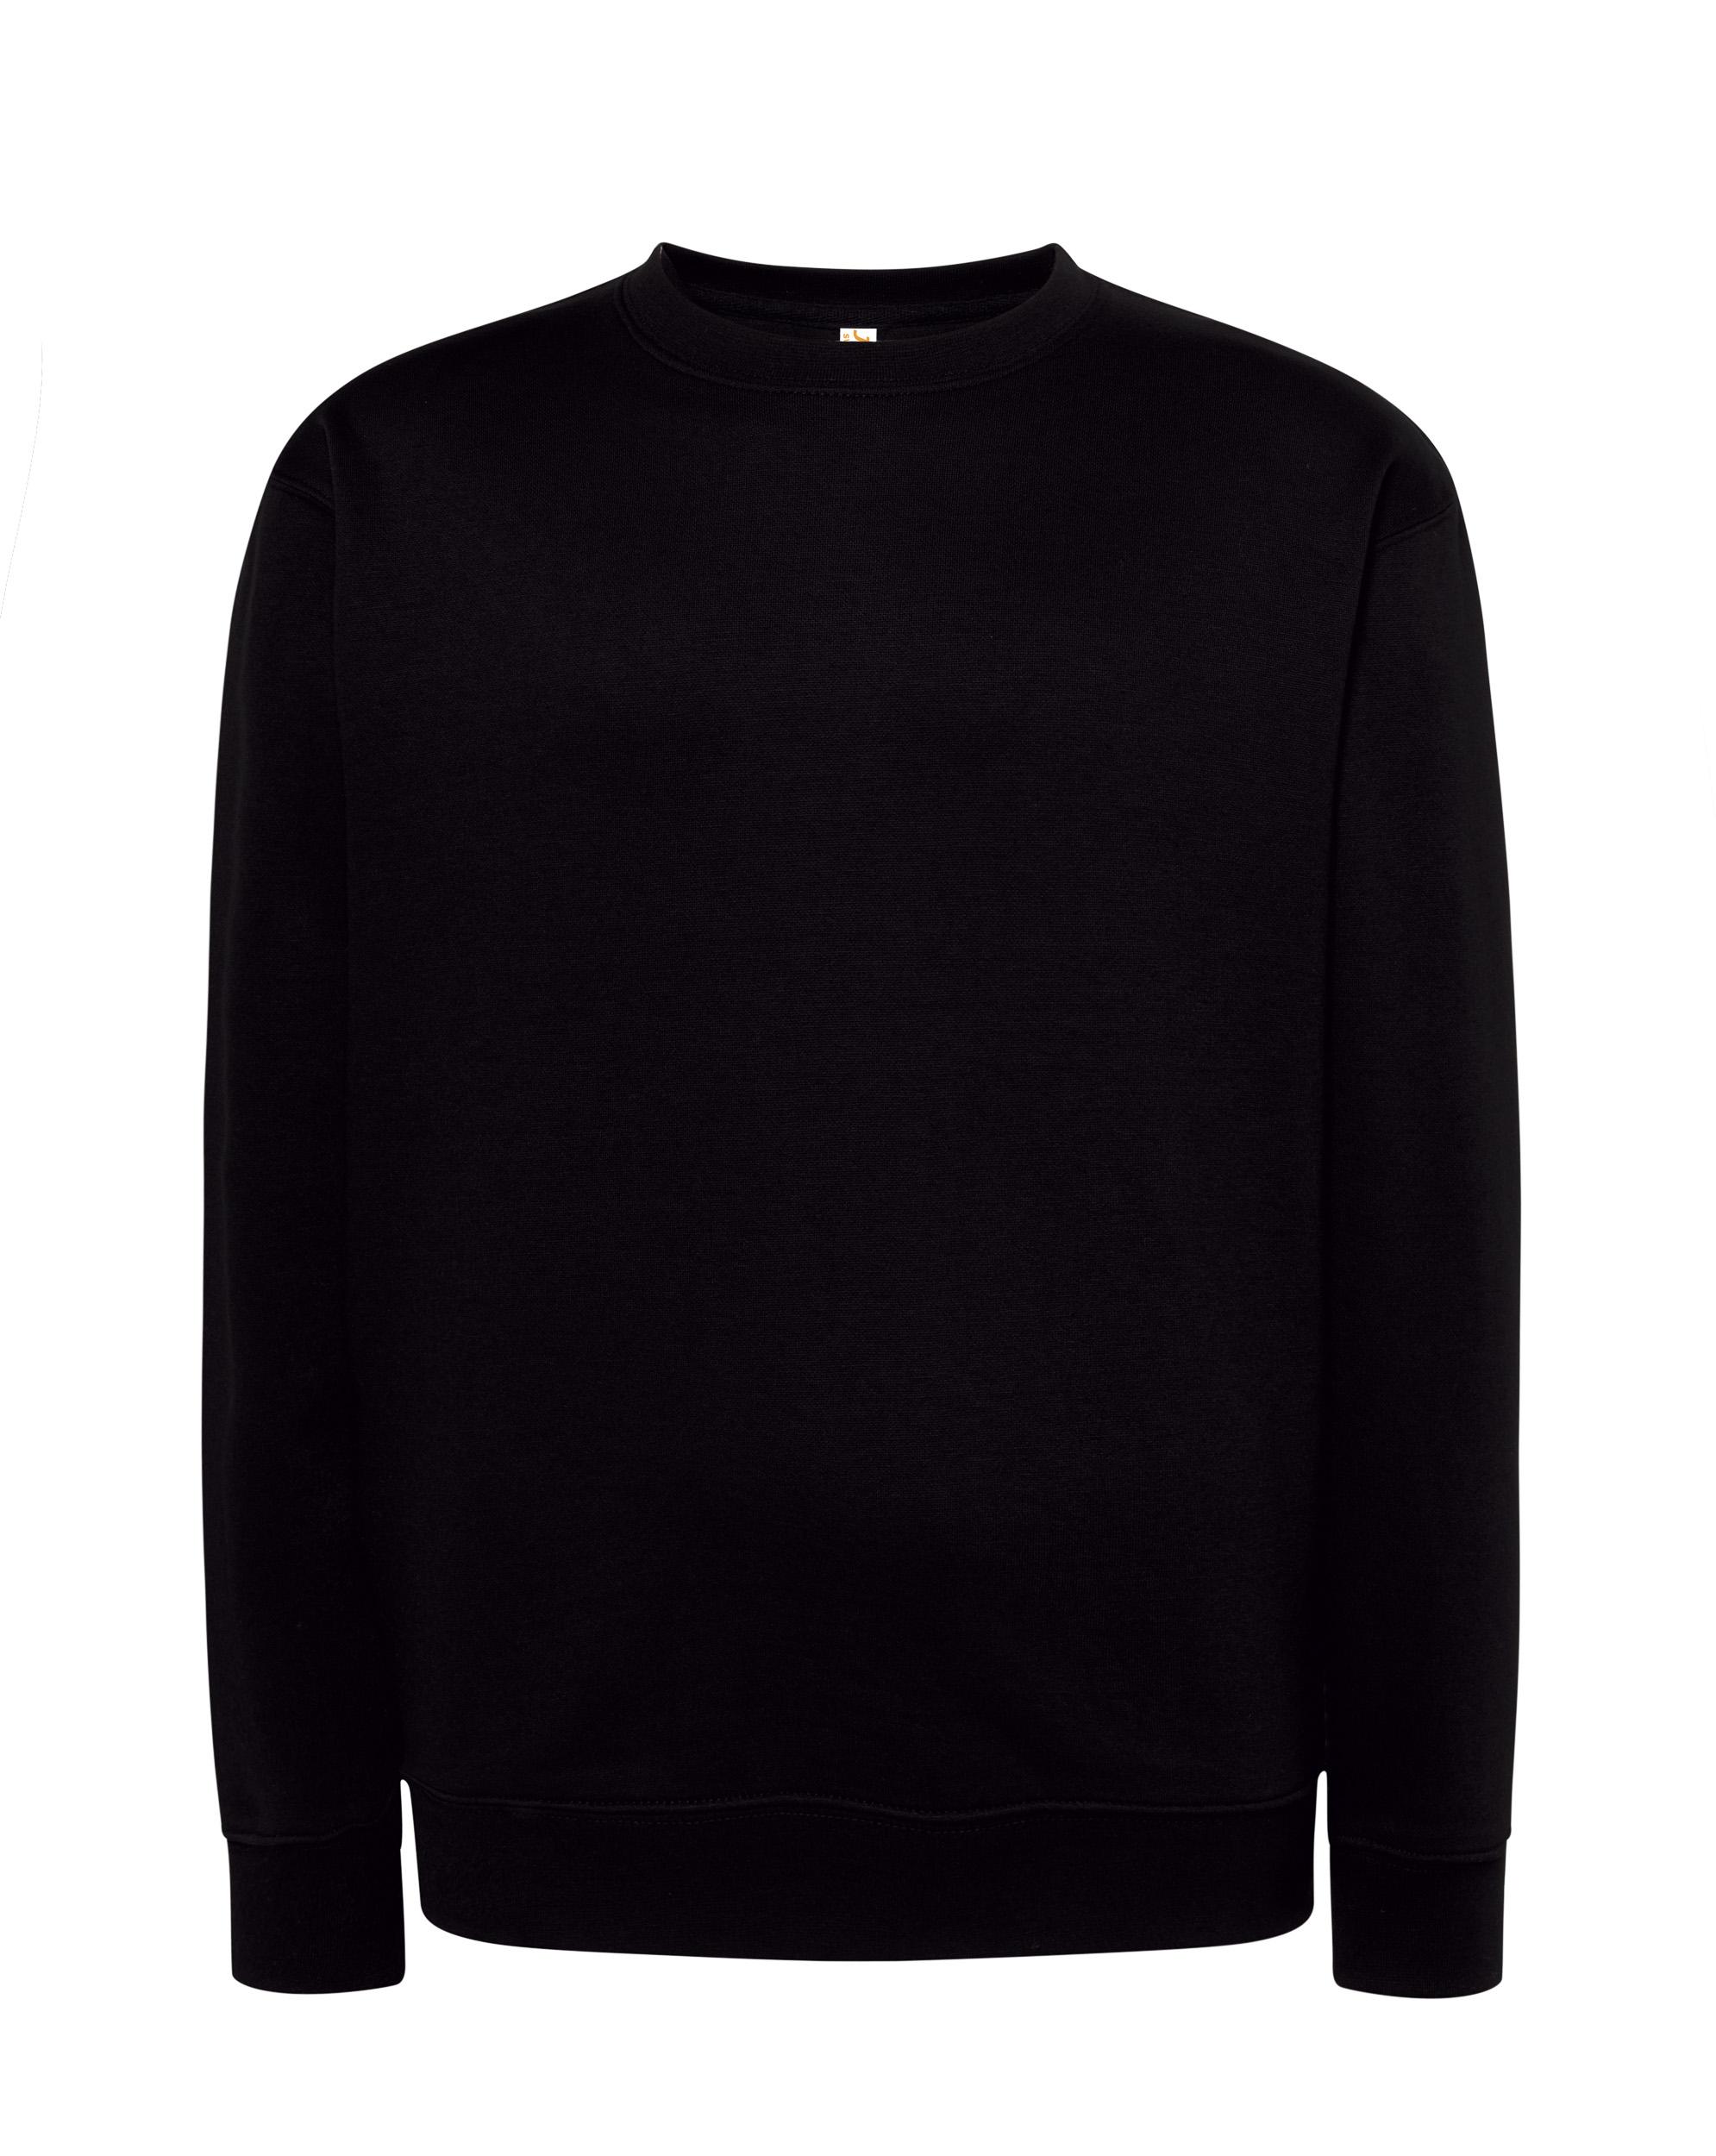 Μαύρο μπλουζάκι ώμων - SWOCECR